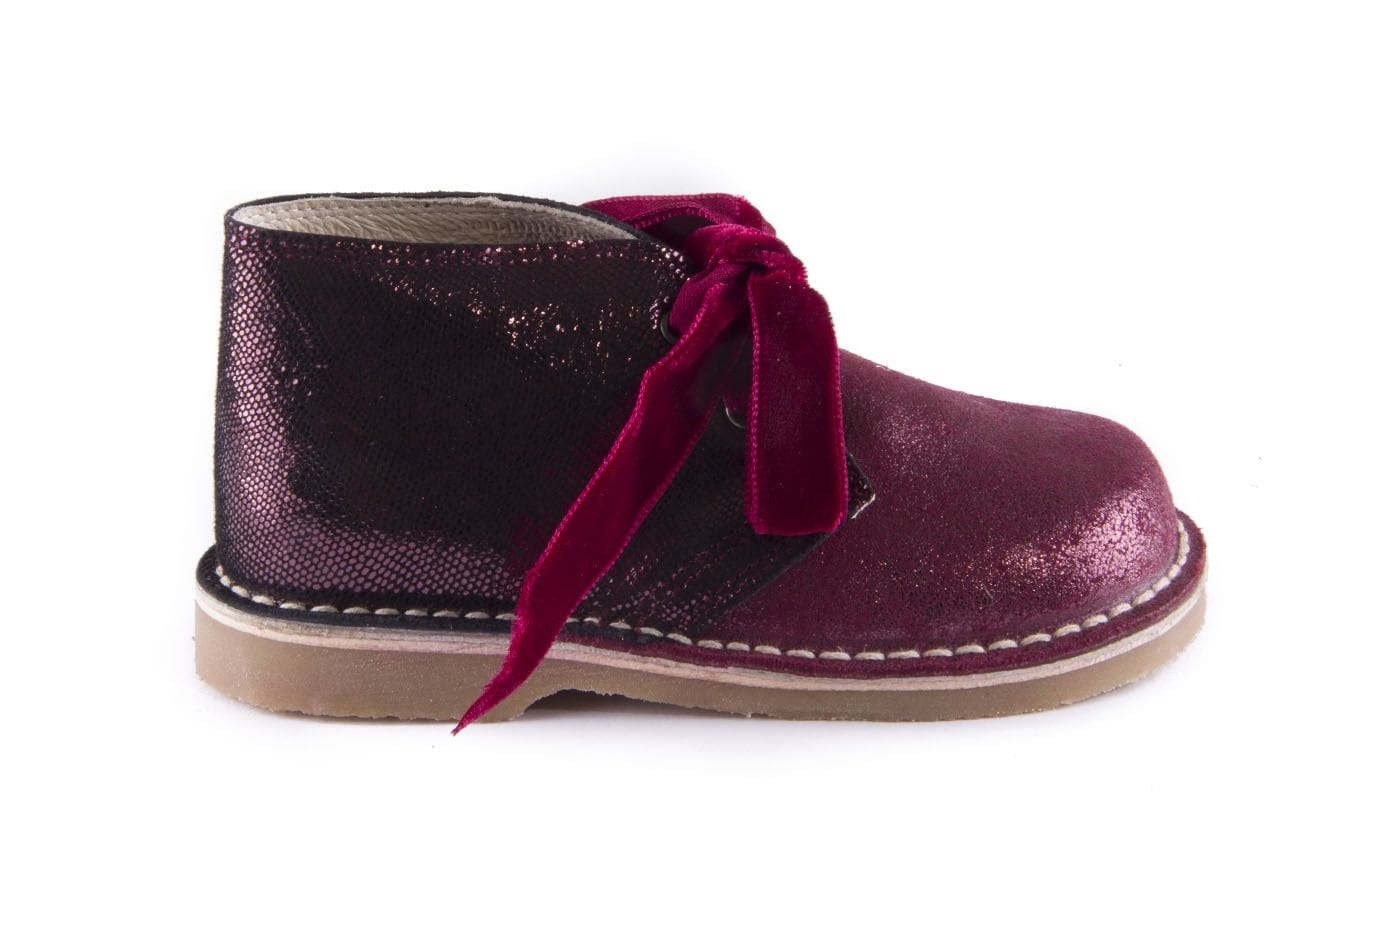 4253e9f8f Comprar zapato tipo JOVEN NIÑA estilo BOTAS COLOR BURDEOS ANTE ...